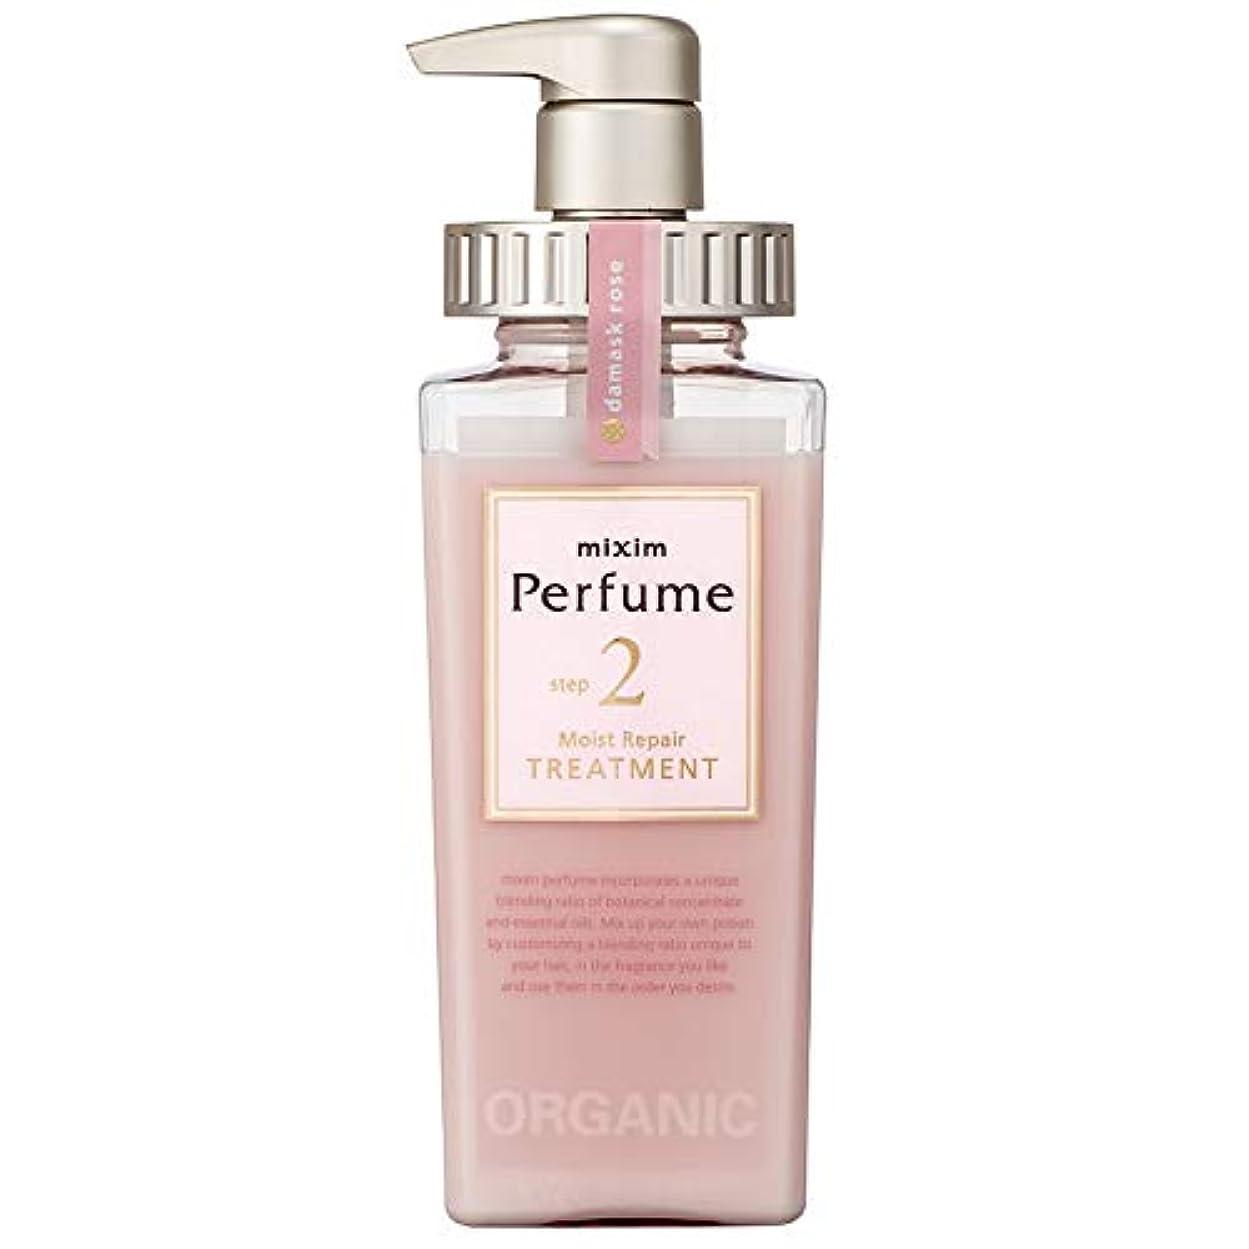 緩やかなメジャー変動するmixim Perfume(ミクシムパフューム) モイストリペア ヘアトリートメント 440g